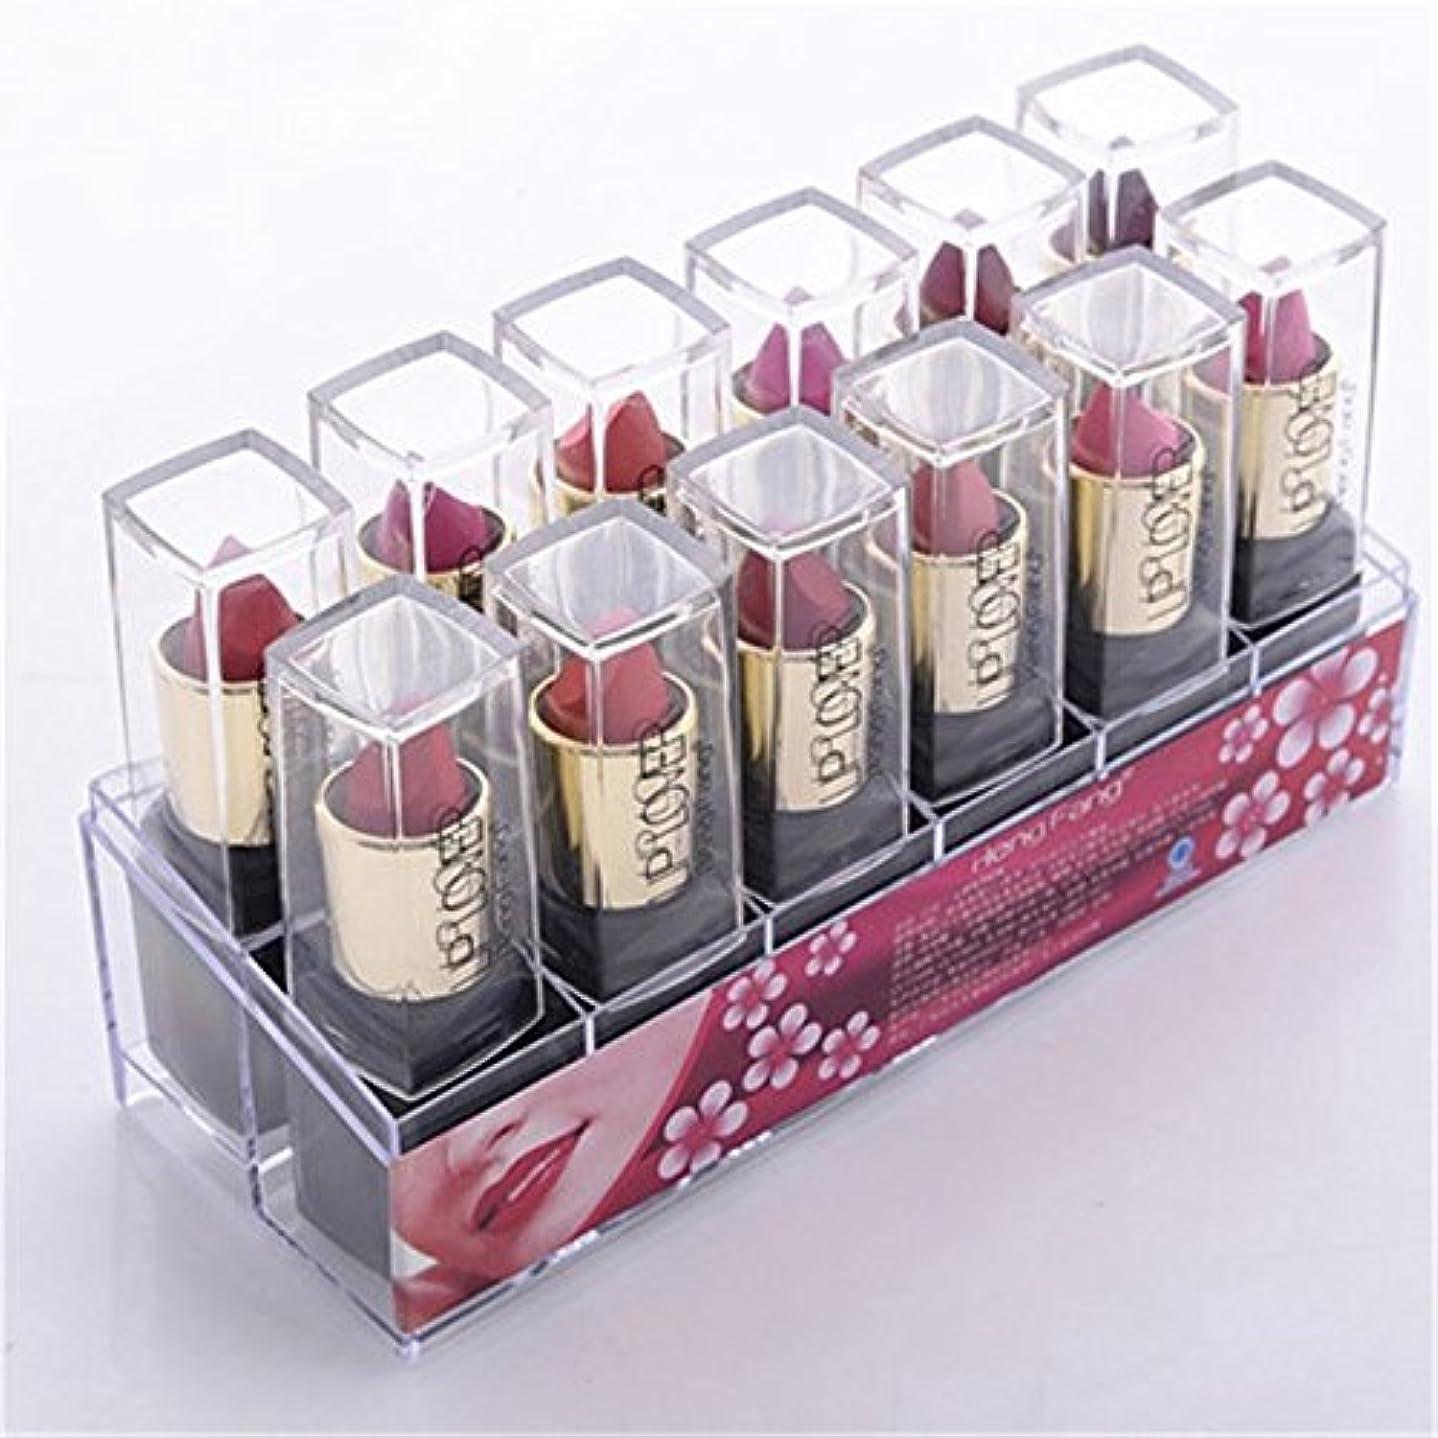 熟練した苦難文化2017 New 12pcs/set Lipsticks Sex Nude Lip Matte Kits Long Lasting Waterproof Pigment Matte Makeup Lipstick Set...